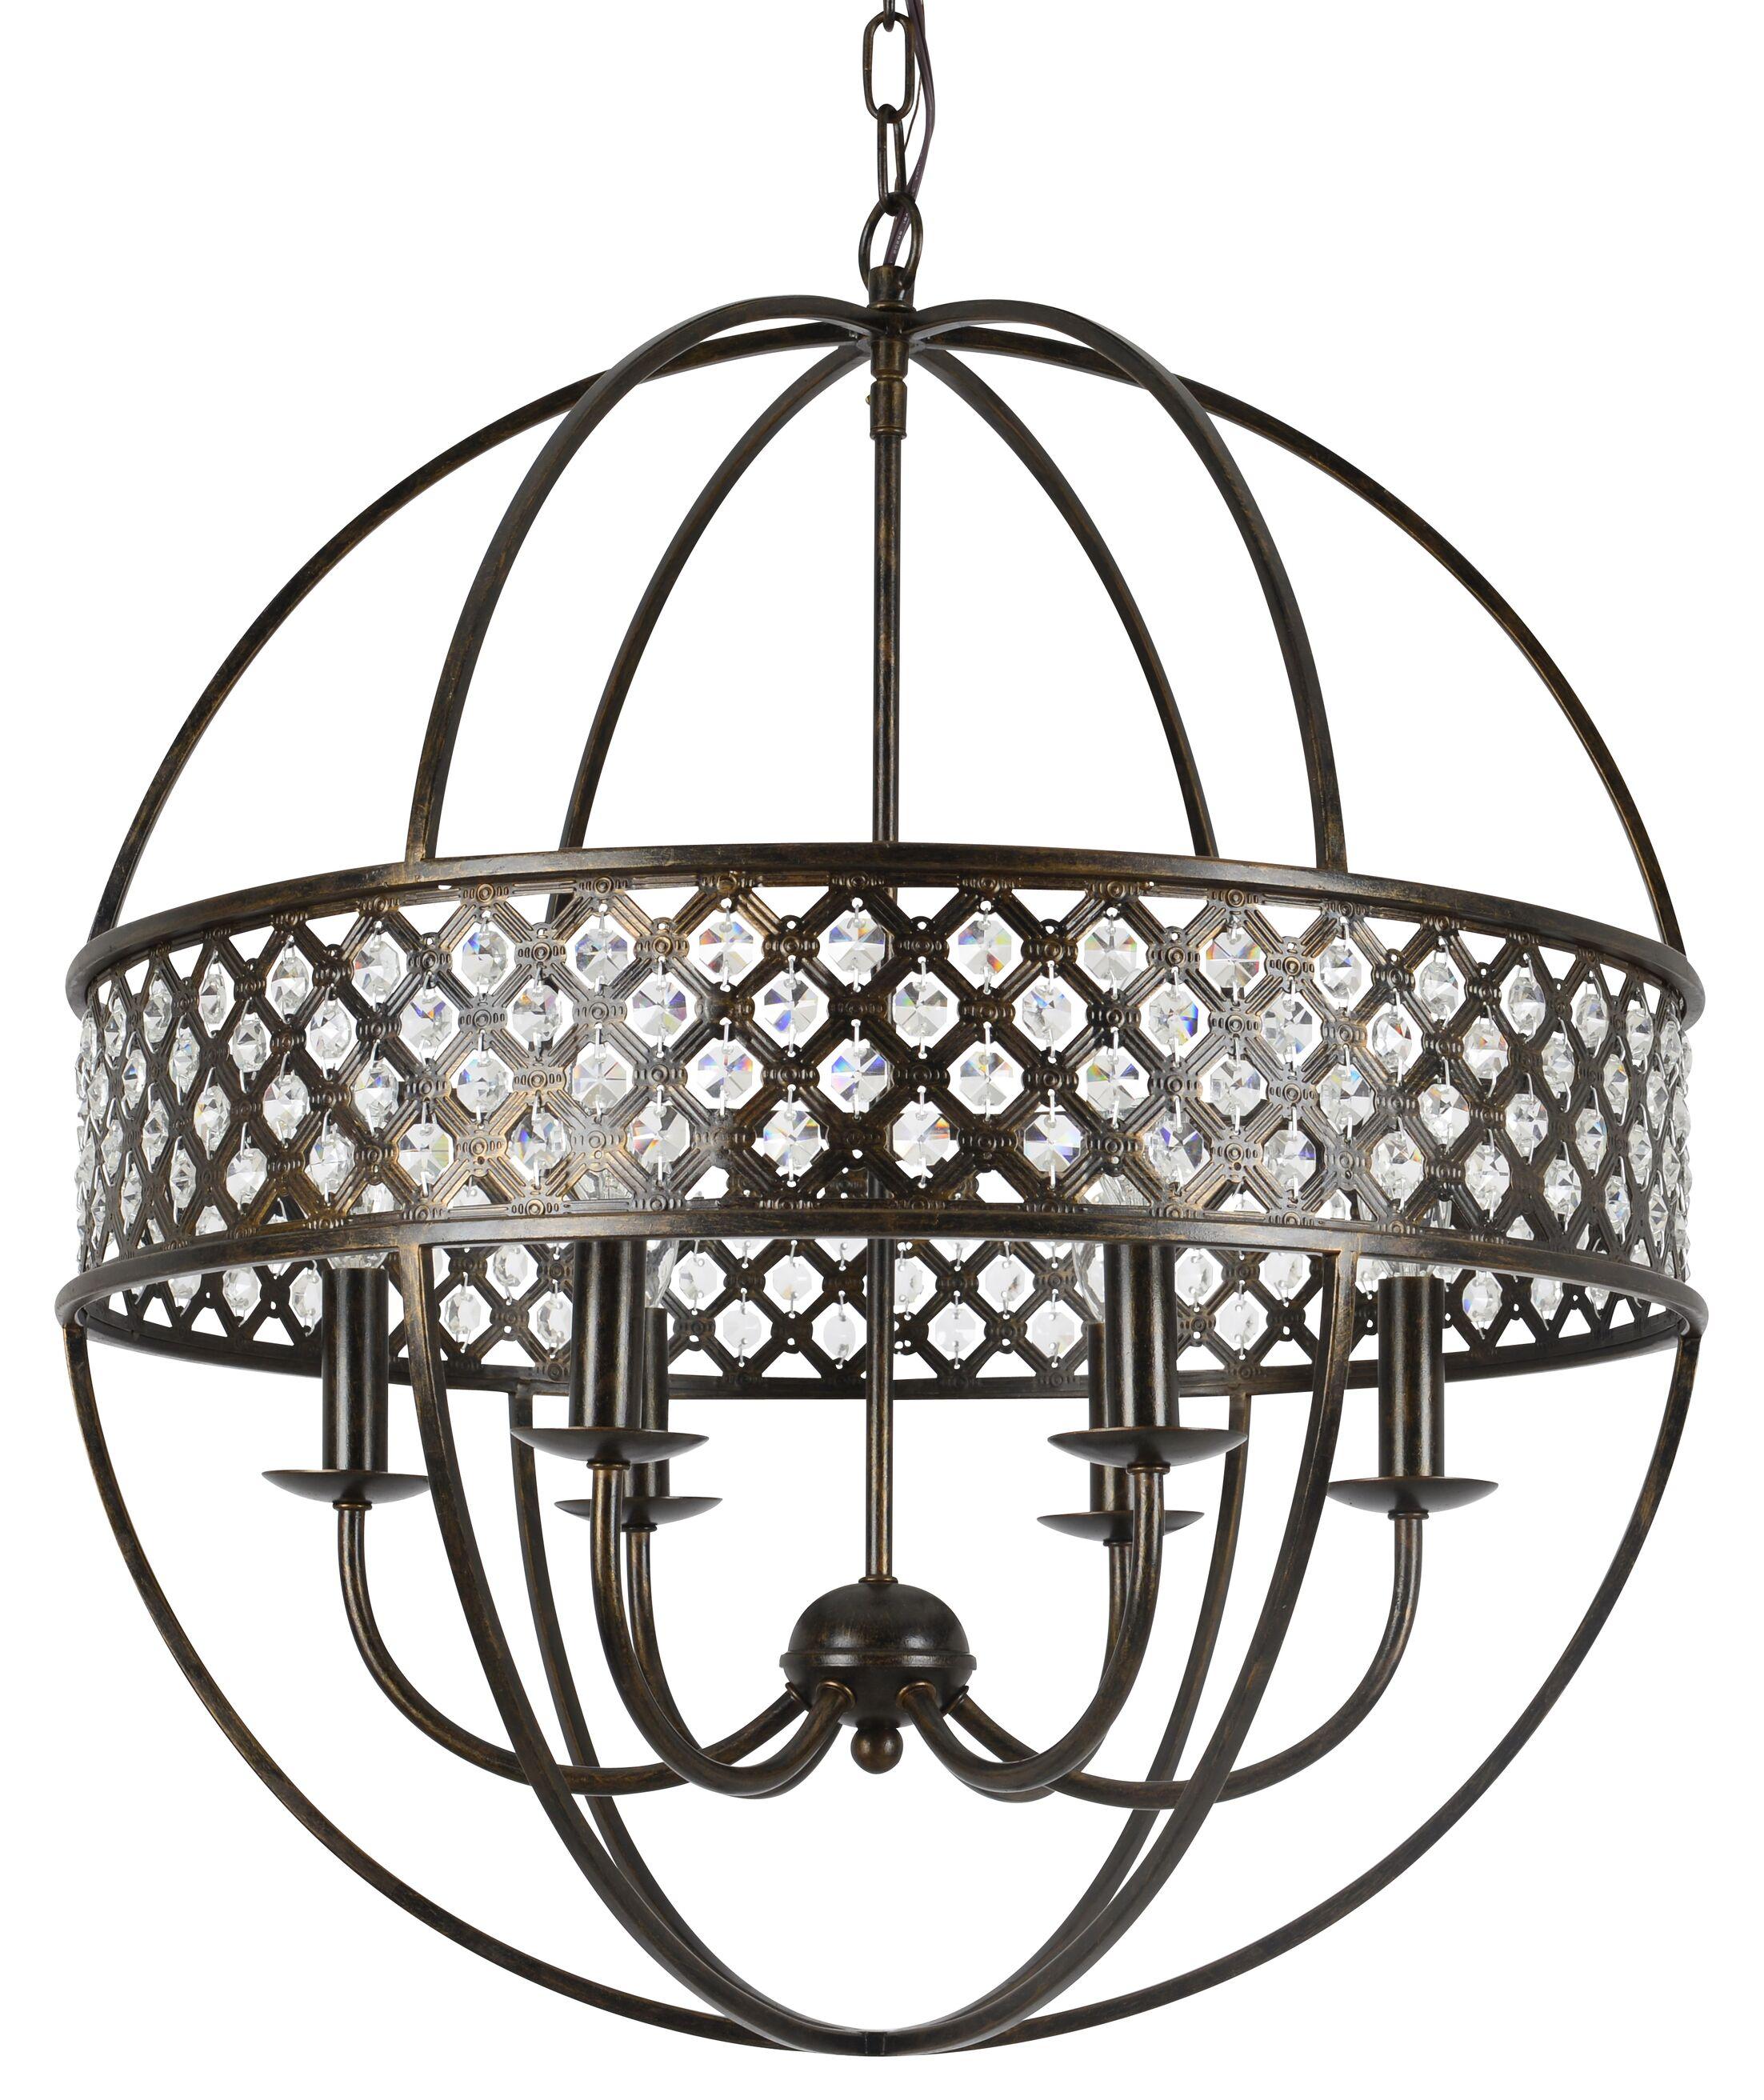 Catchings 6-Light Globe Chandelier